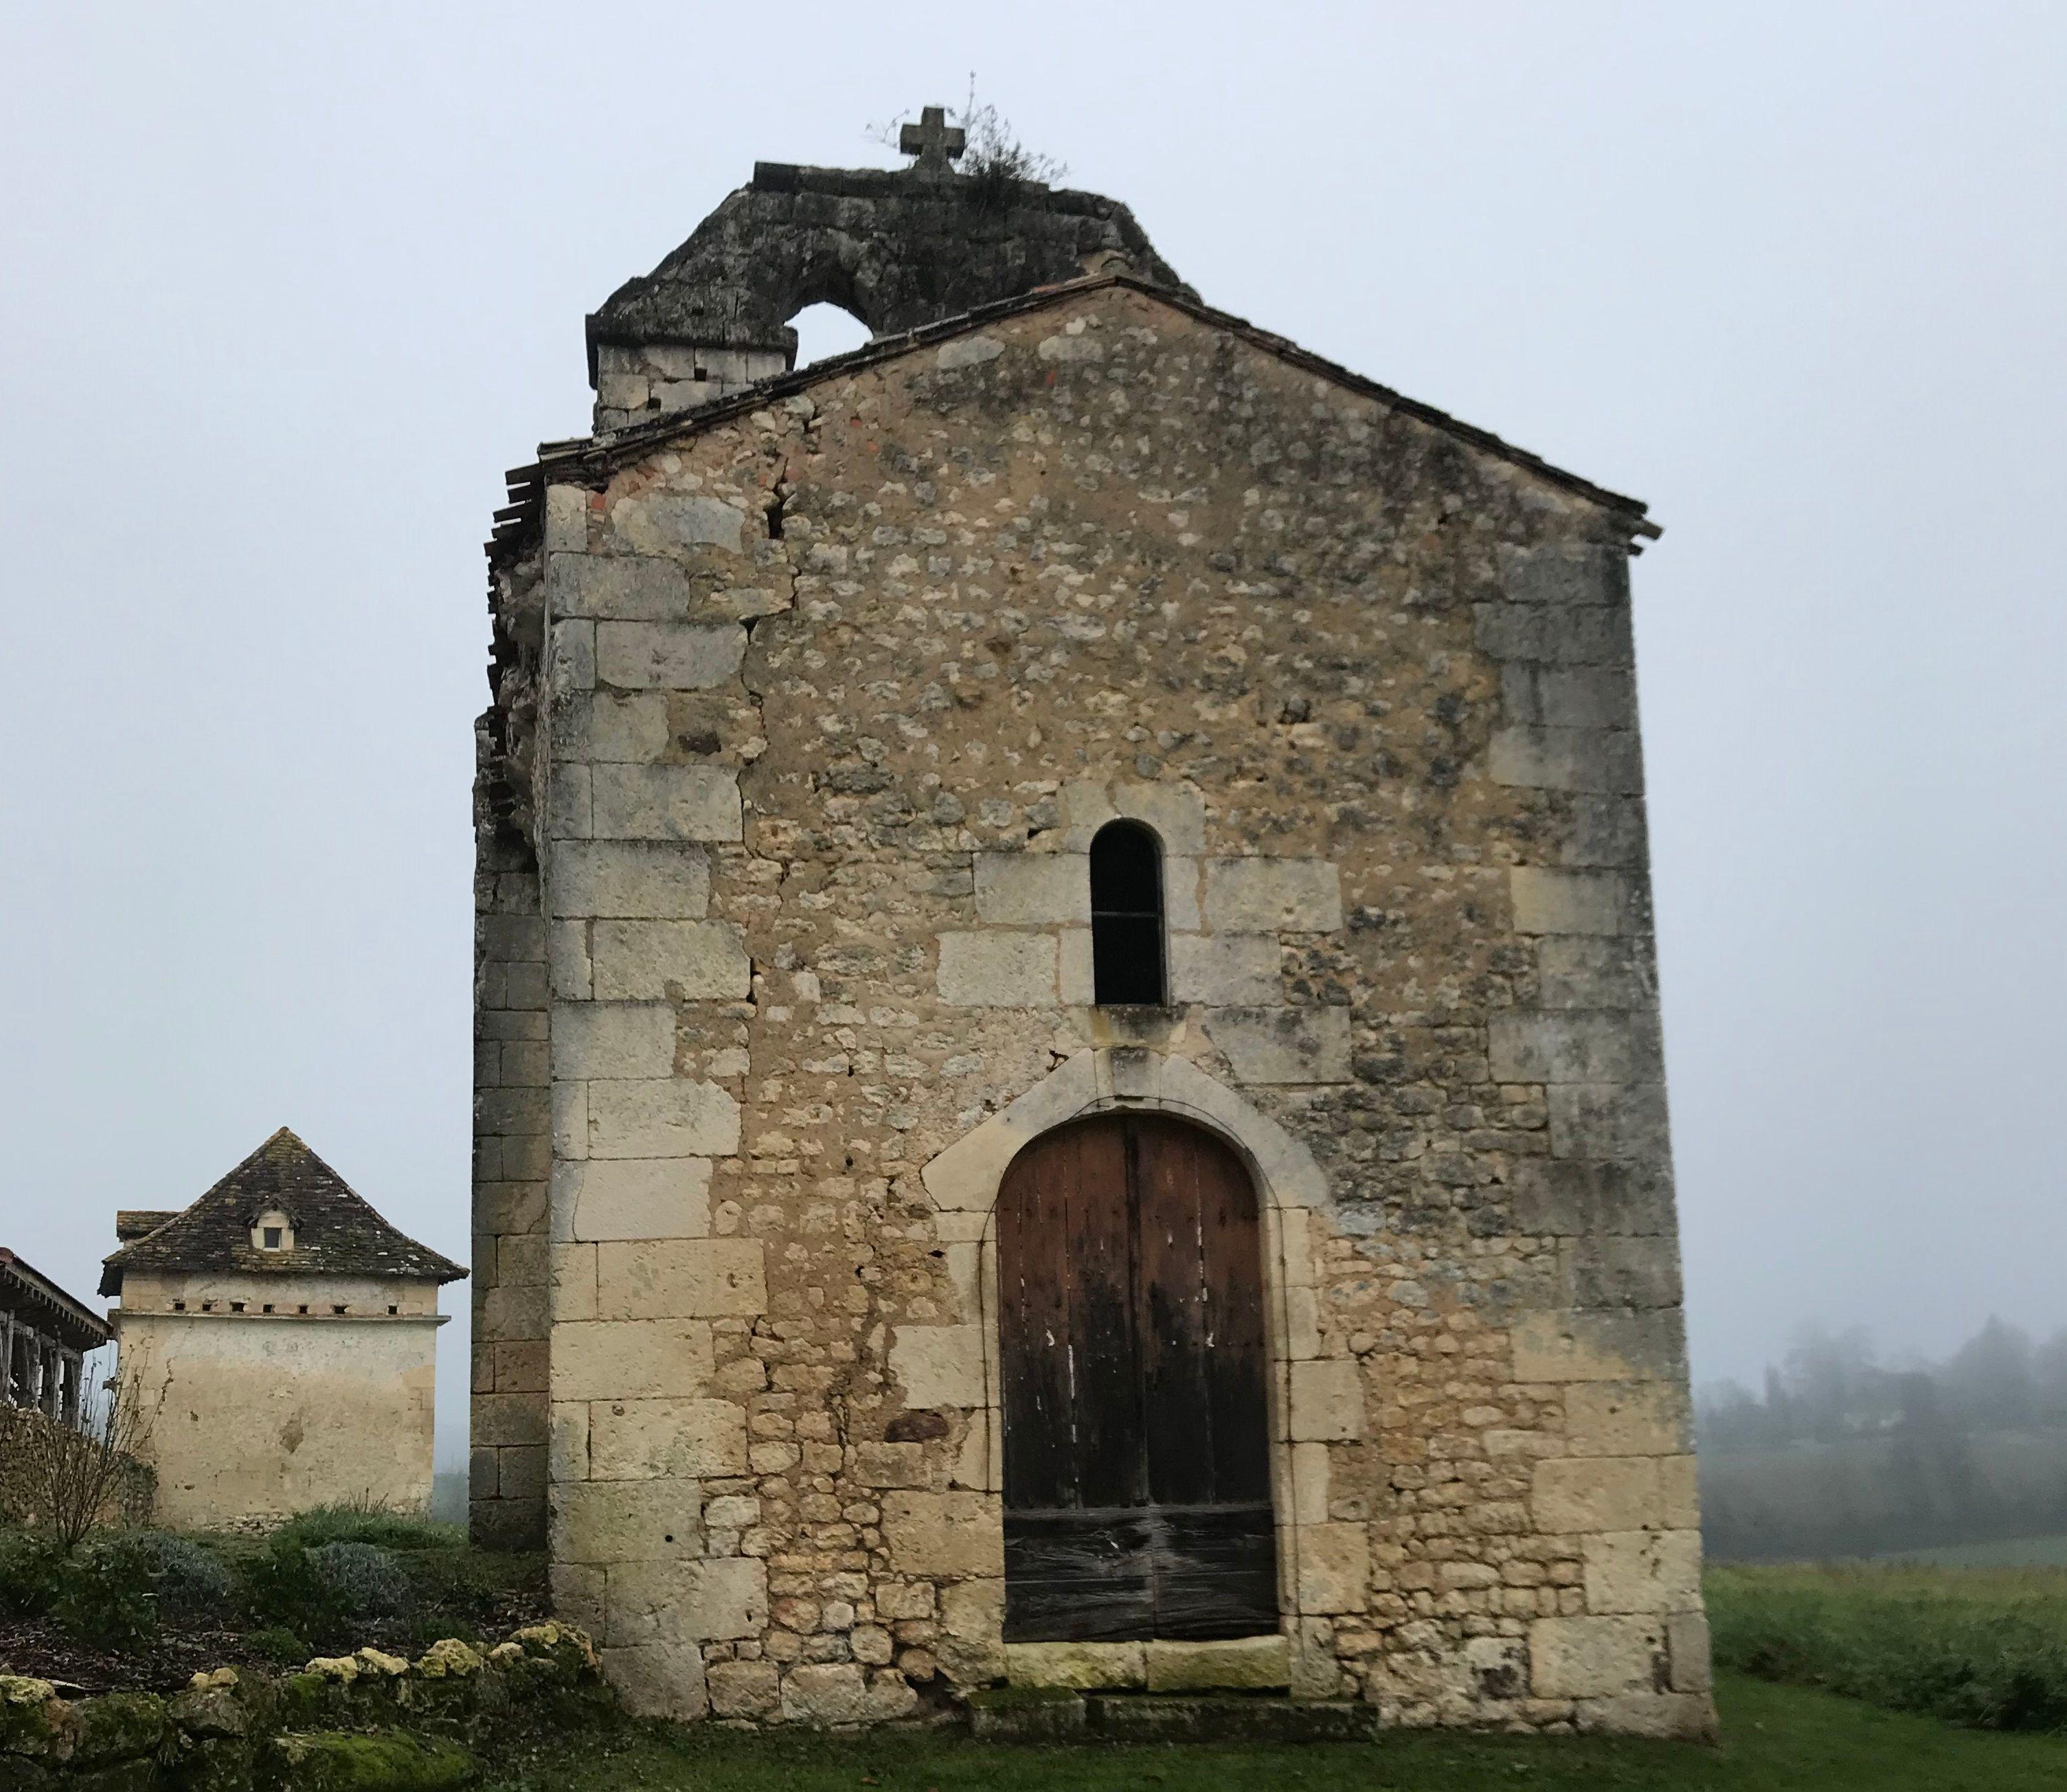 Chapelle Sainte-Marie de Gueyrals à Montagnac-La-Crempse